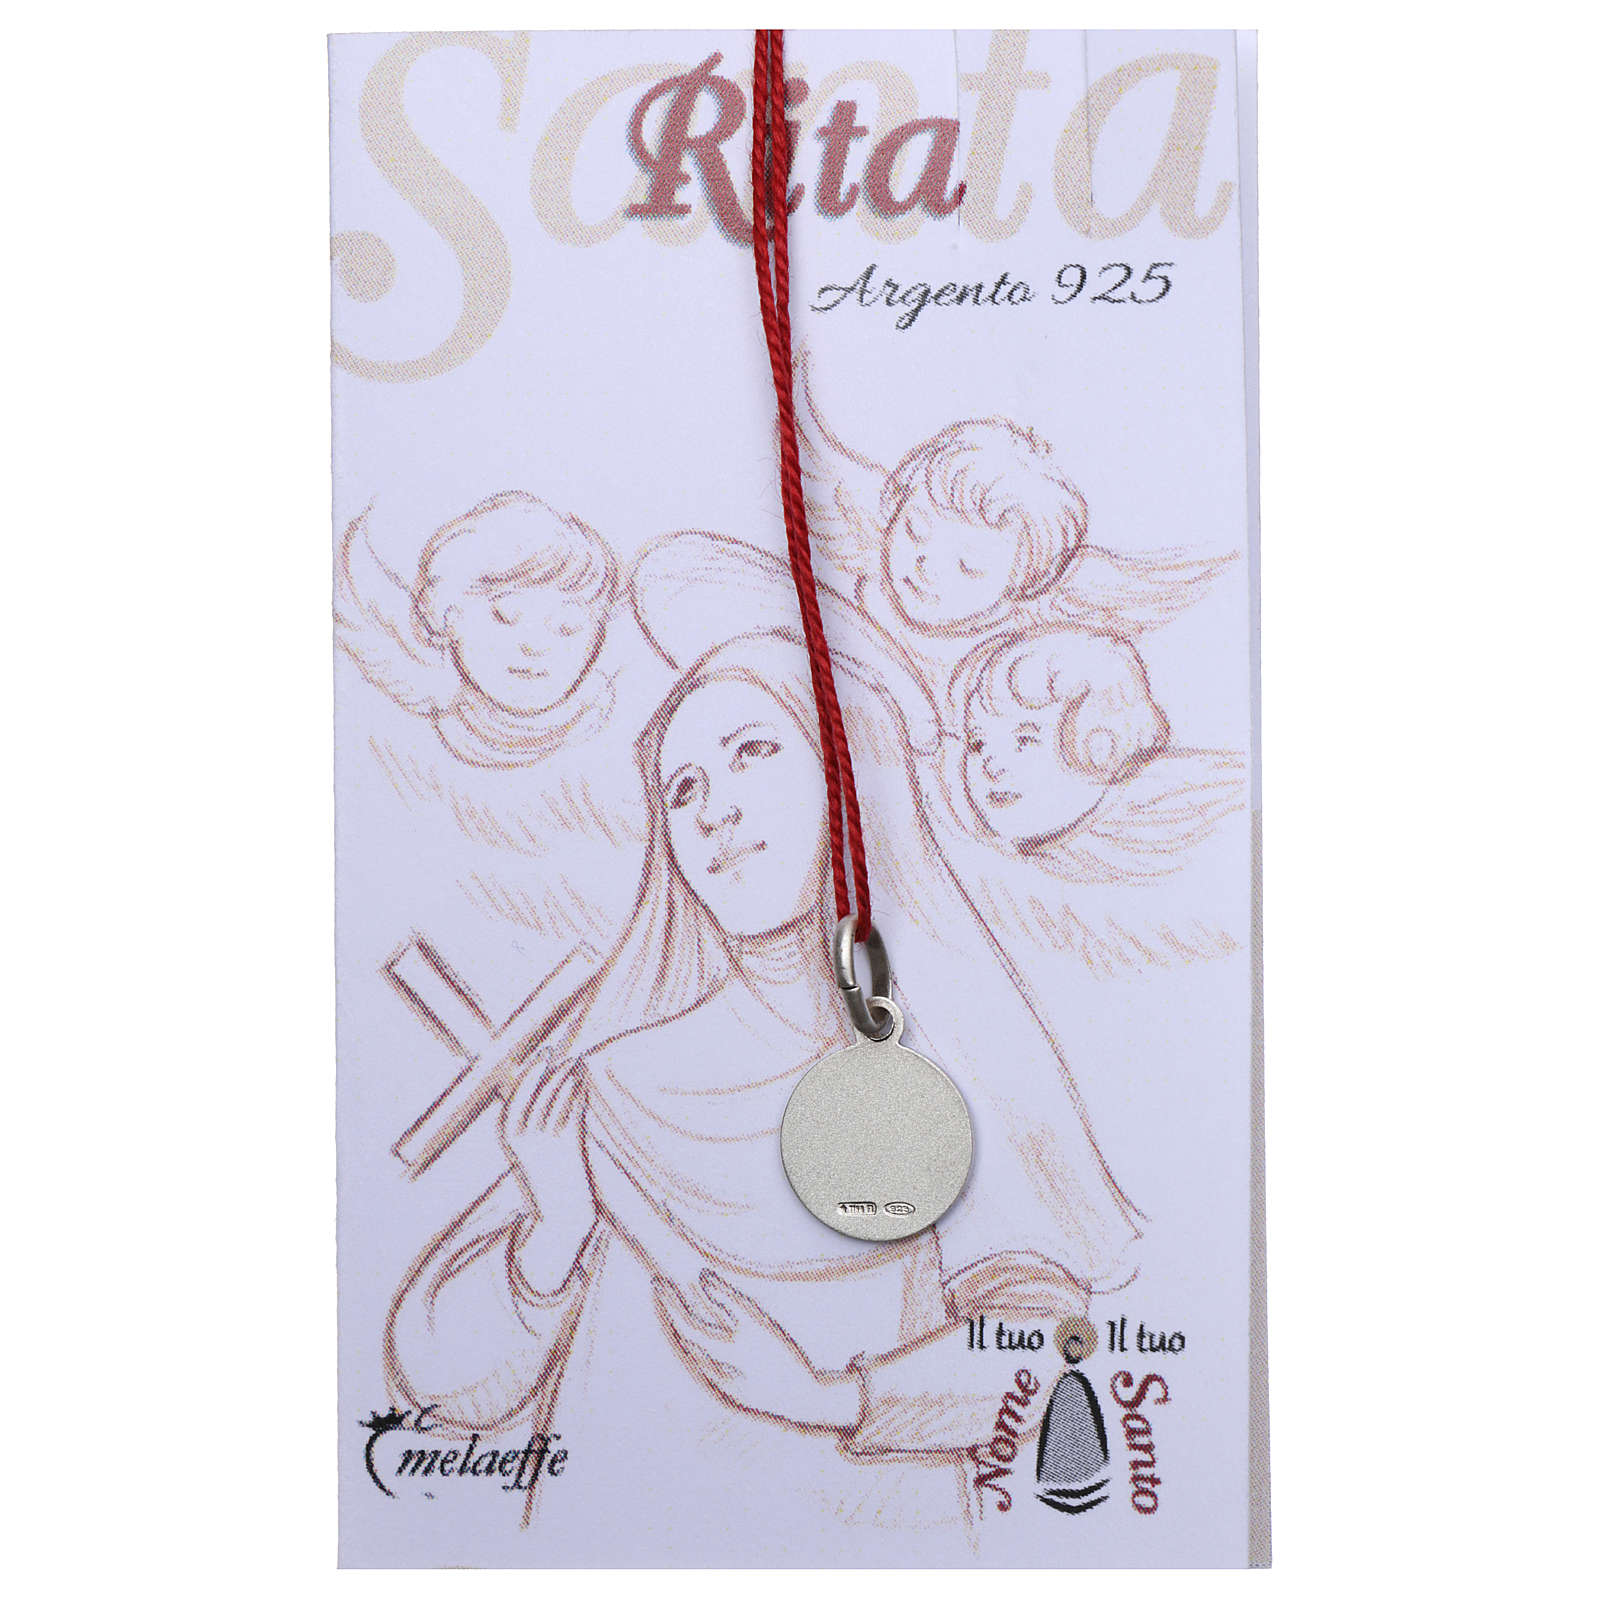 Médaille Ste Rita de Cascia argent 925 rhodié 10 mm 4